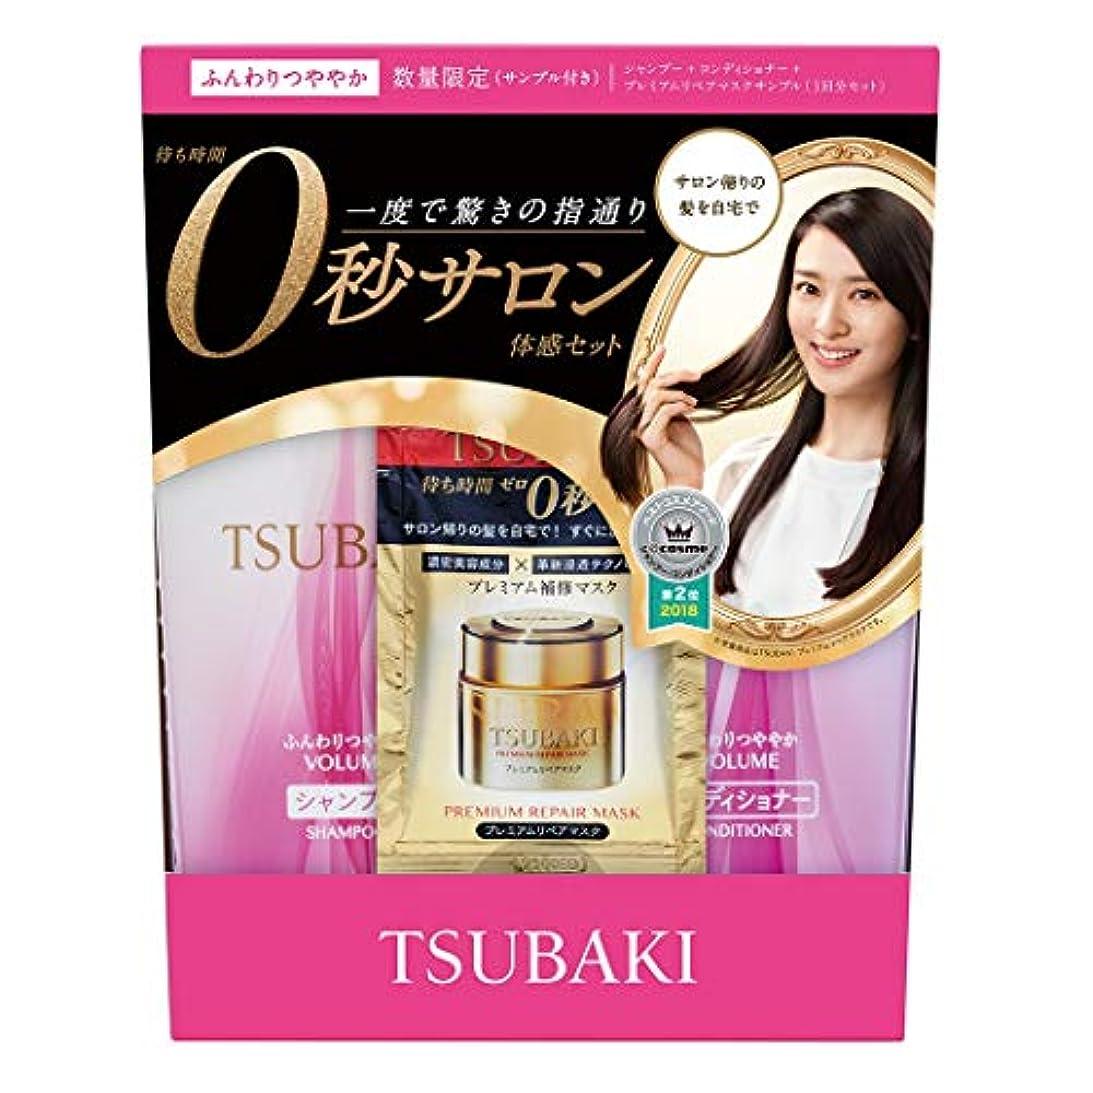 憎しみベテラン表示TSUBAKI(ツバキ) ツバキ 待ち時間0秒サロン体感セット ふんわりつややか (通常容量ペアセット)(450mL×2+15g) シャンプー